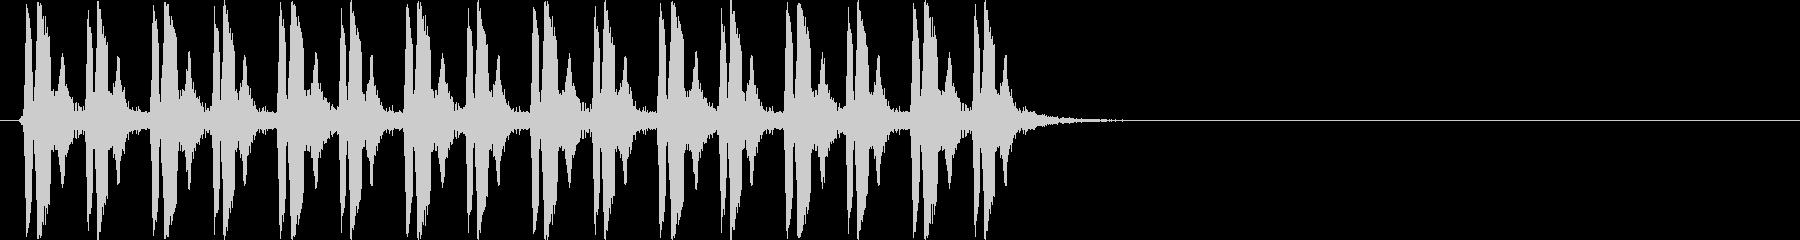 ピヨピヨピヨピヨ×2(混乱状態)の未再生の波形